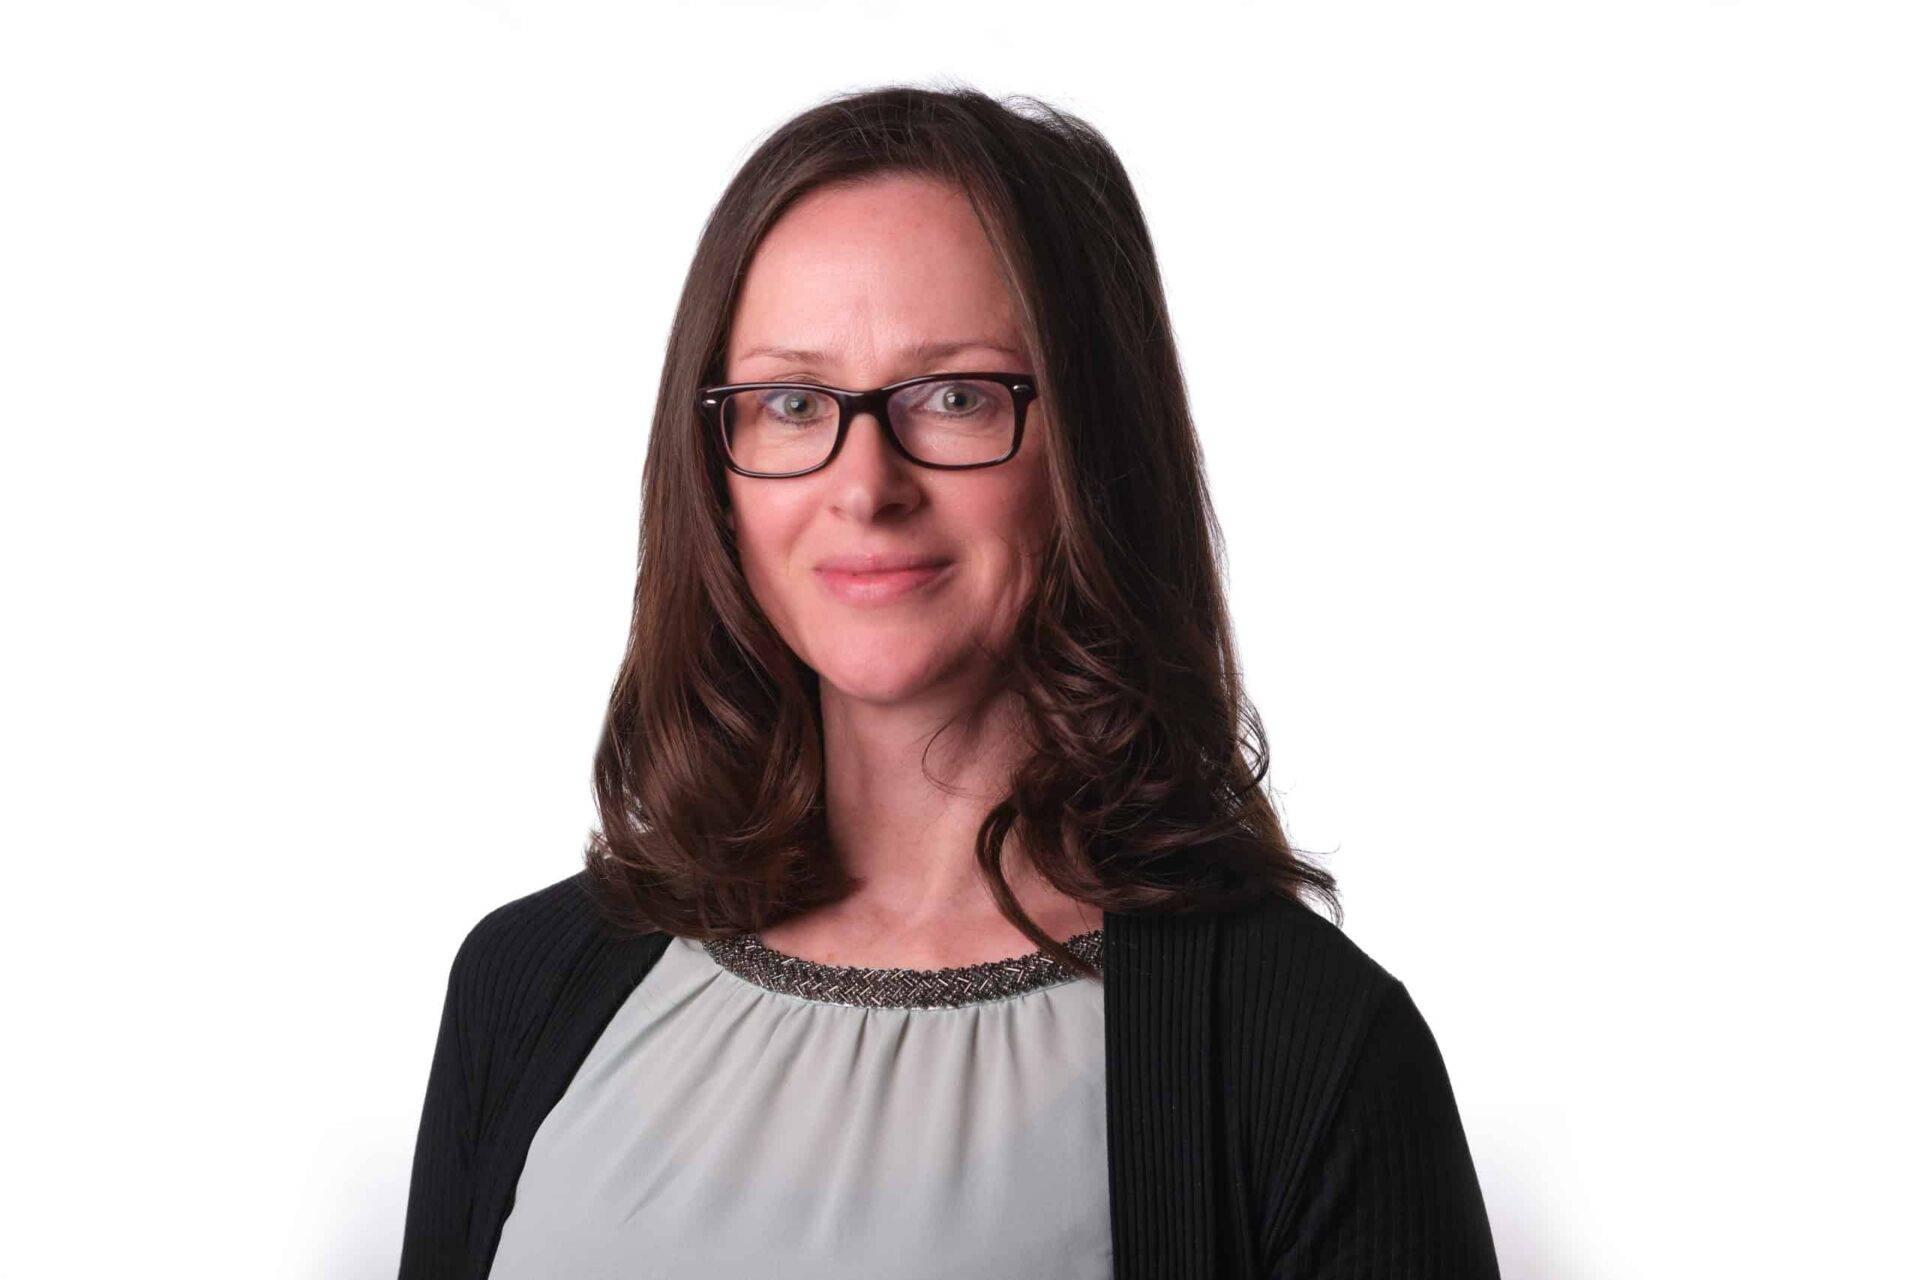 Ina Schlegel Porträt - verantwortlich für Personal